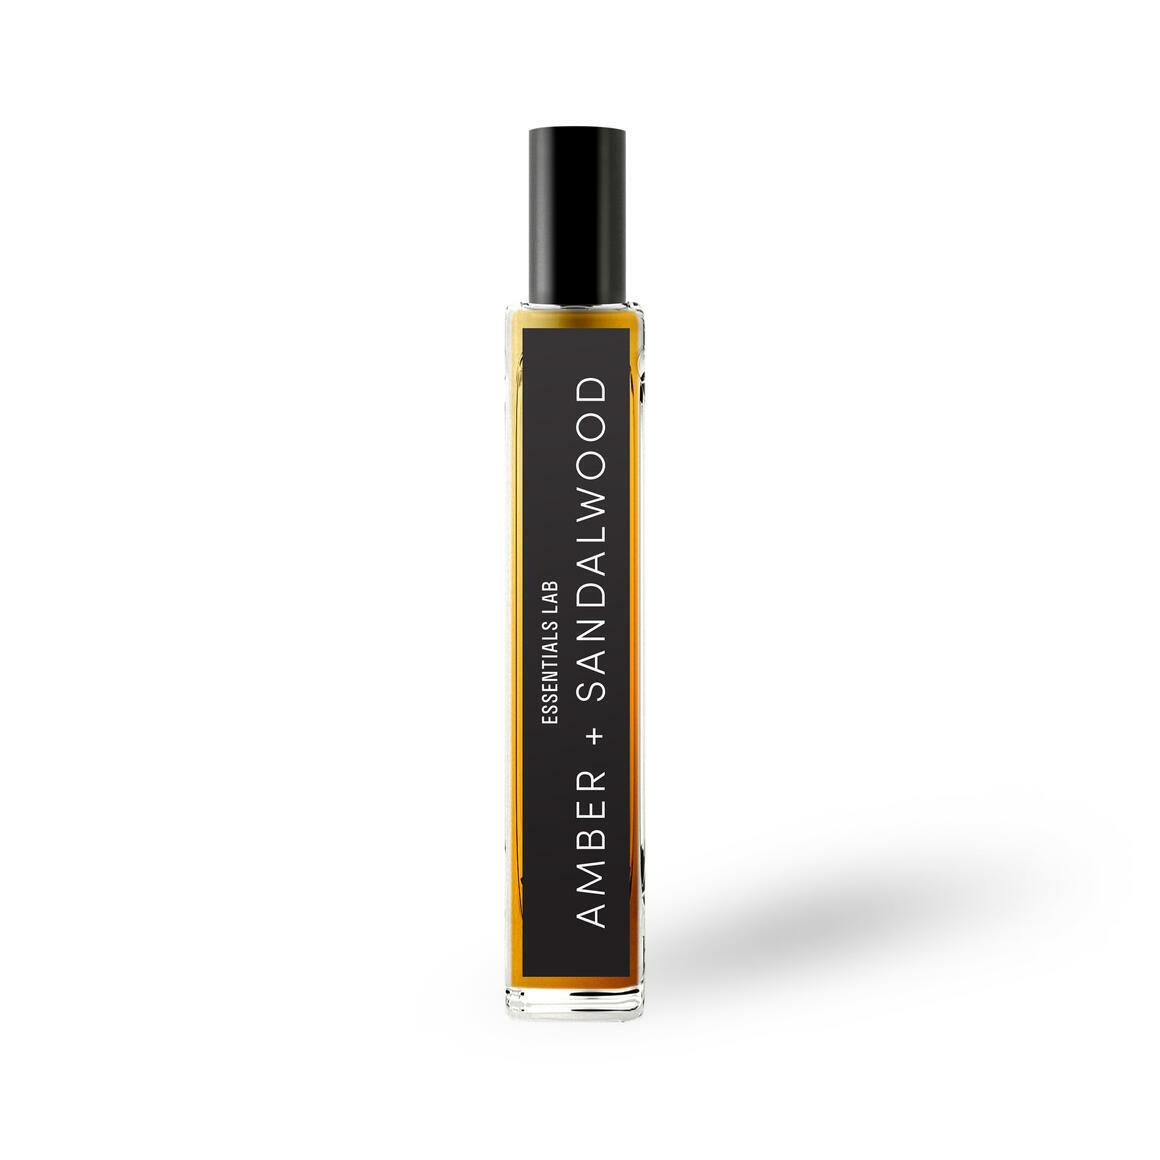 Amber Sandalwood roll on perfume   Trada Marketplace